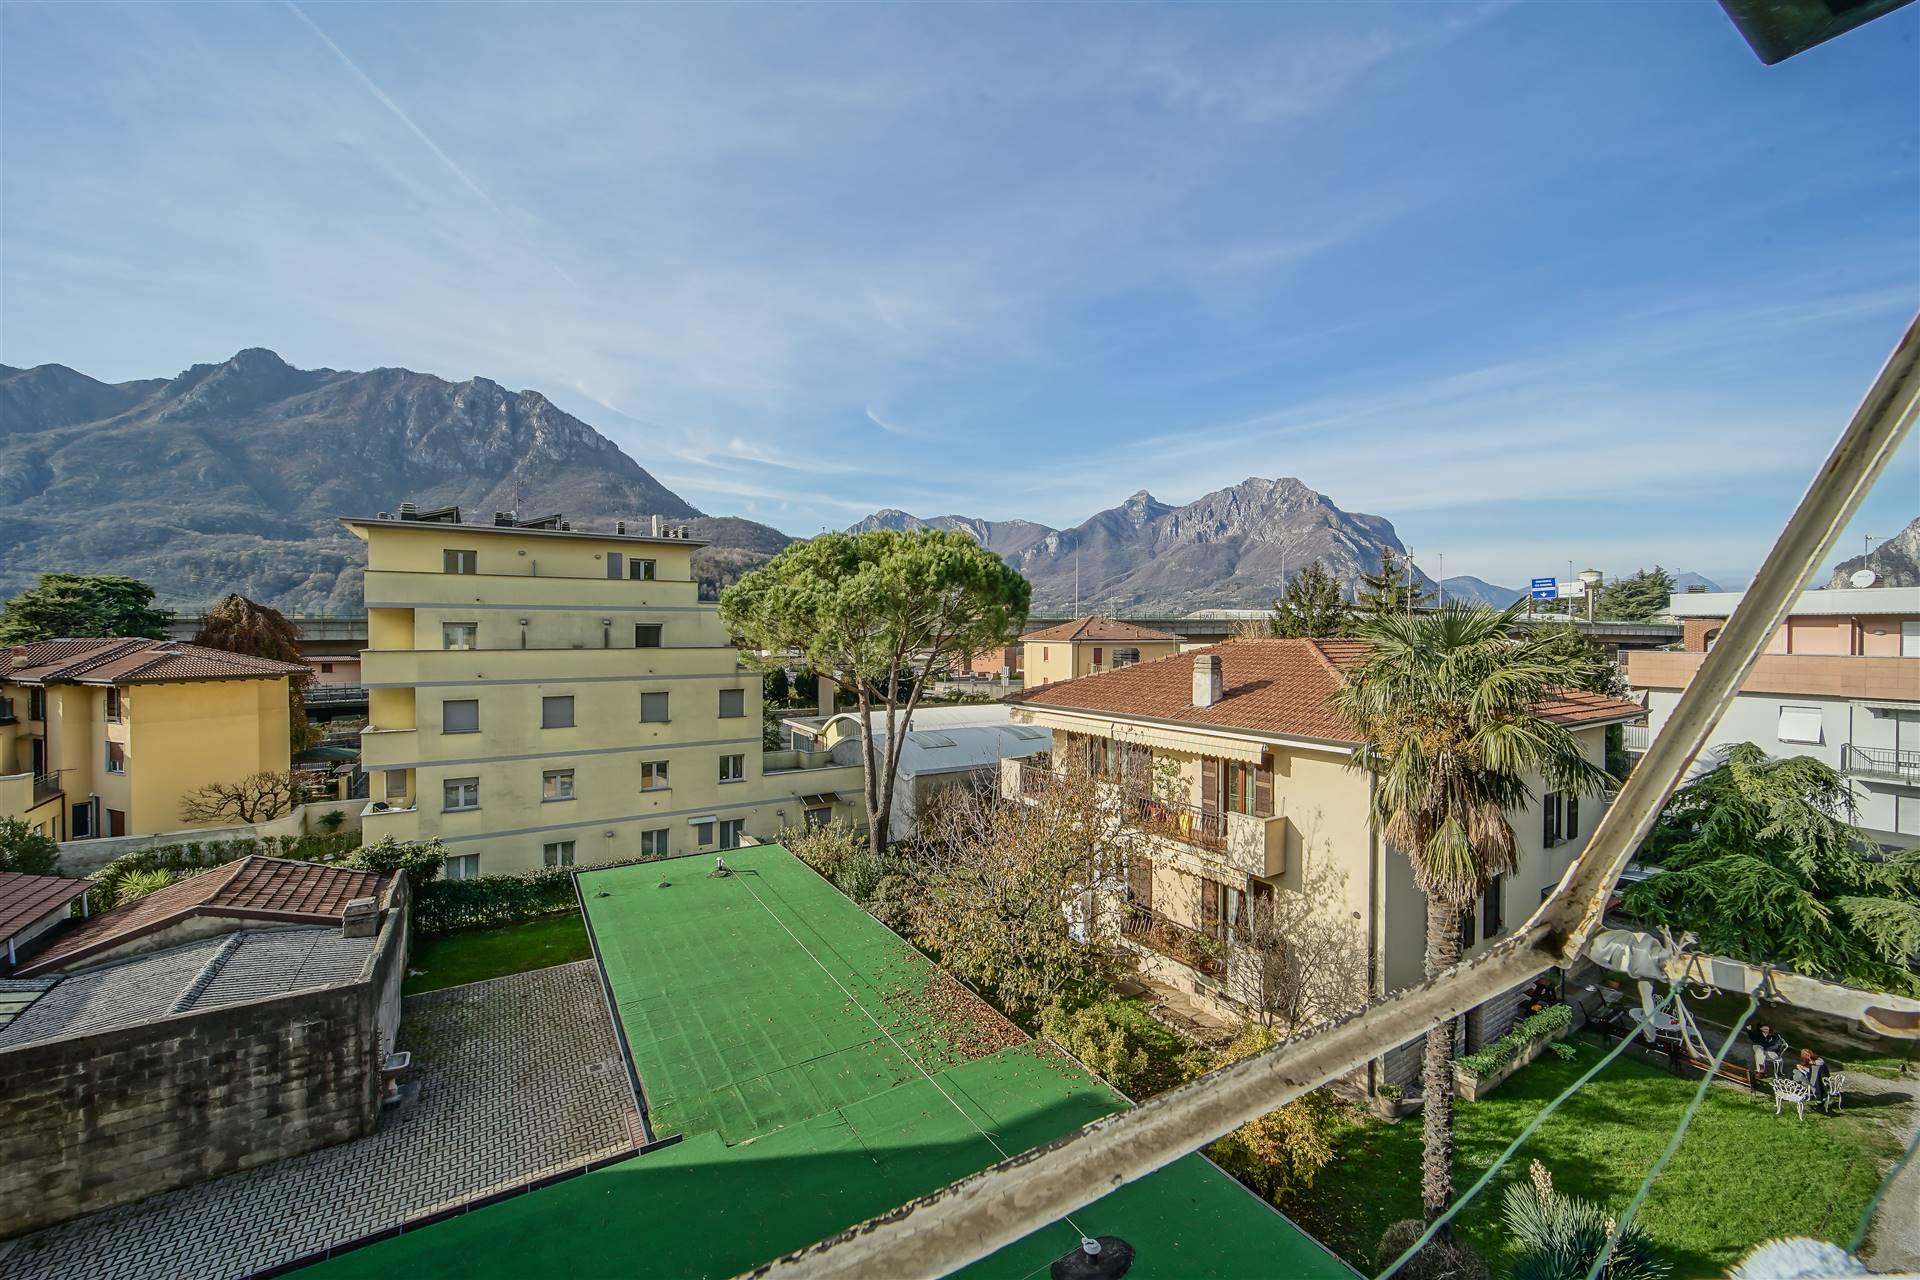 Palazzo / Stabile in vendita a Lecco, 8 locali, zona Zona: Belledo, prezzo € 385.000 | CambioCasa.it